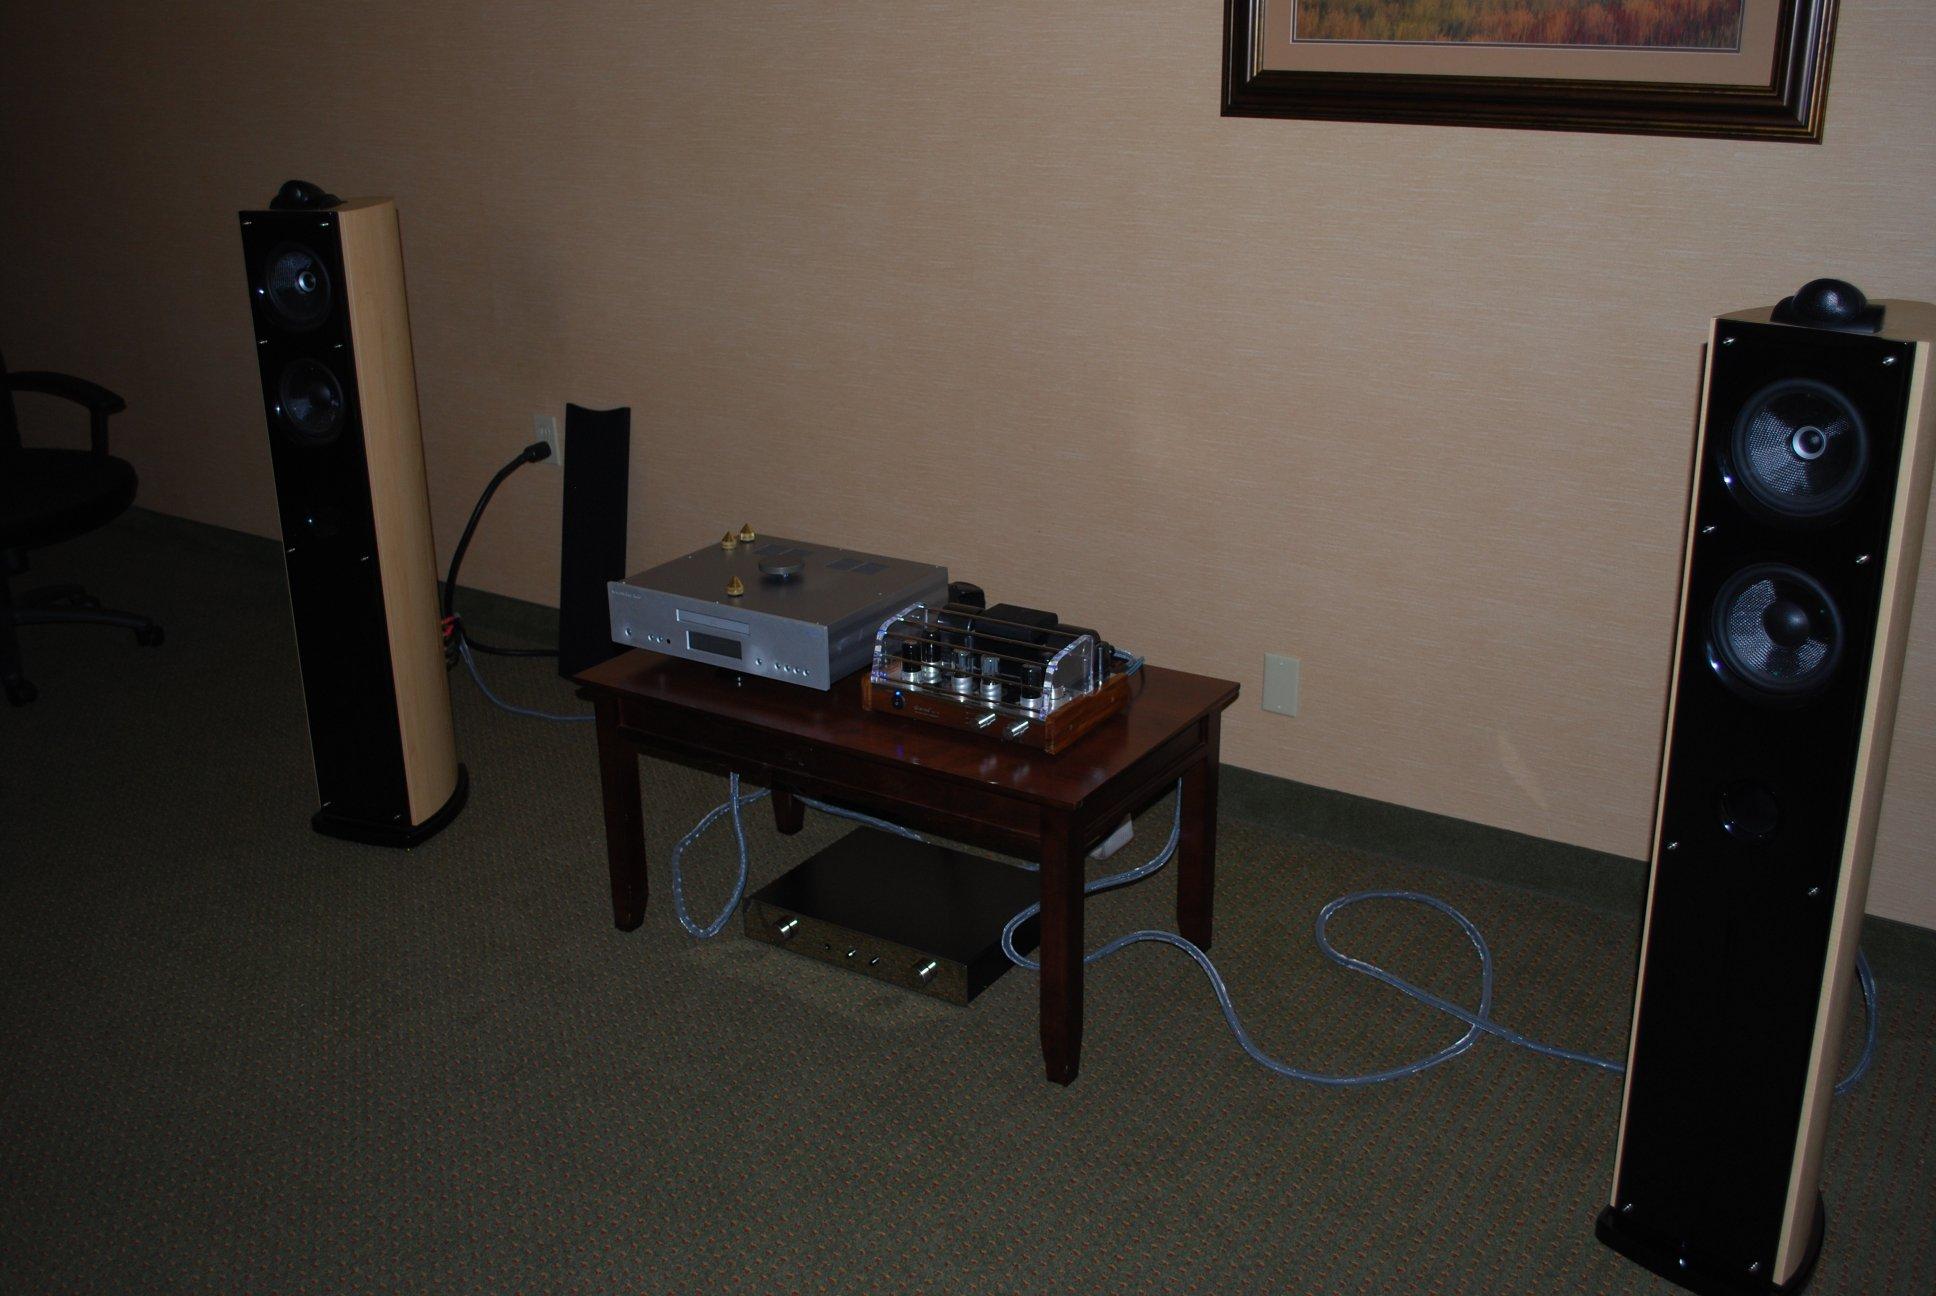 http://lonestaraudiofest.com/2012/Photos/DSC_0052.JPG